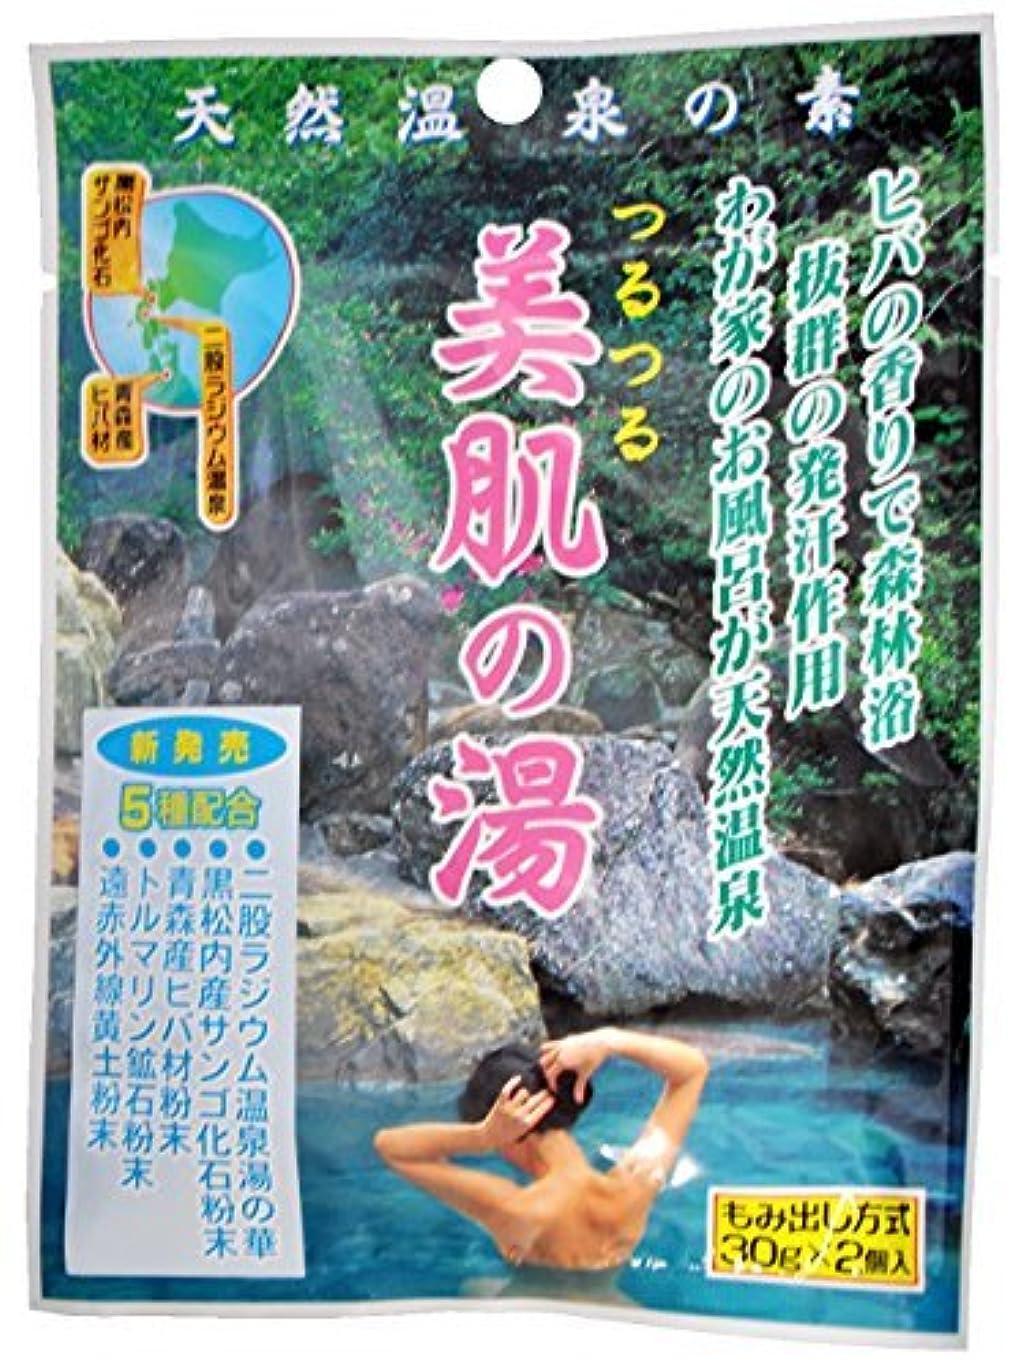 会議重さ新着【まとめ買い】天然成分入浴剤 つるつる 美肌の湯 2袋入 二股ラジウム温泉の湯の華 ×15個